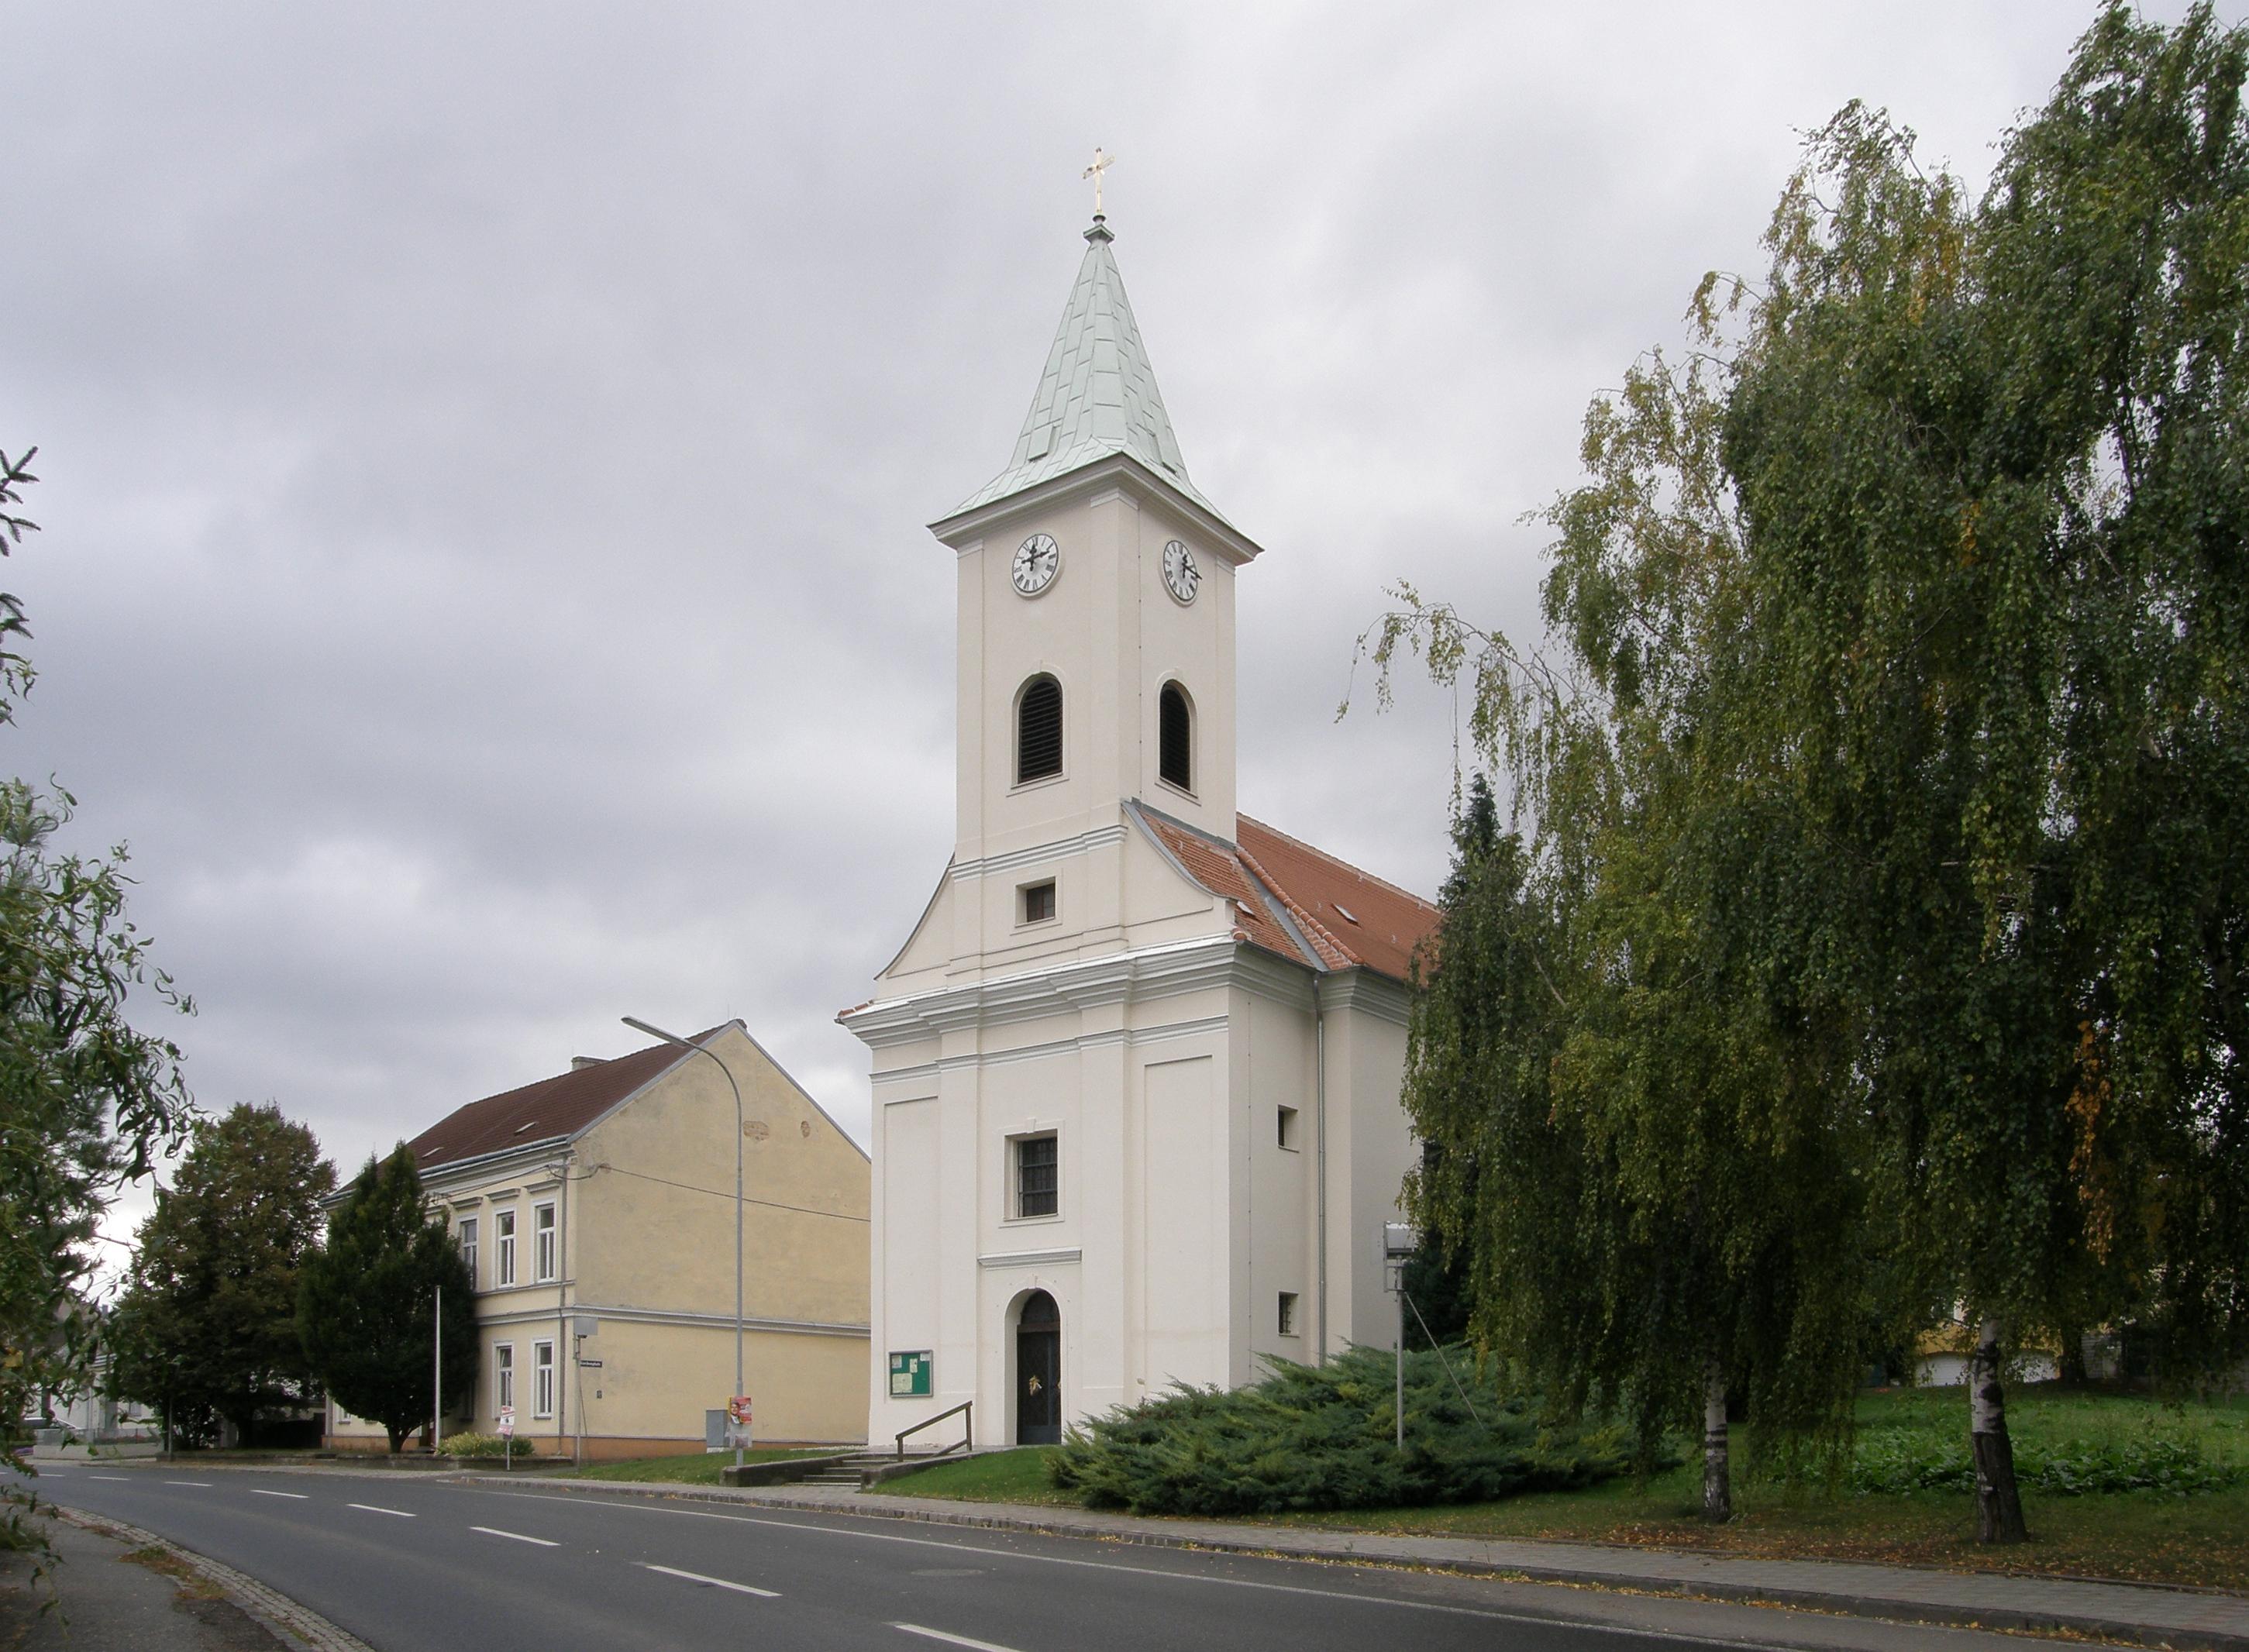 Pfarrkirche Erdberg (Poysdorf)